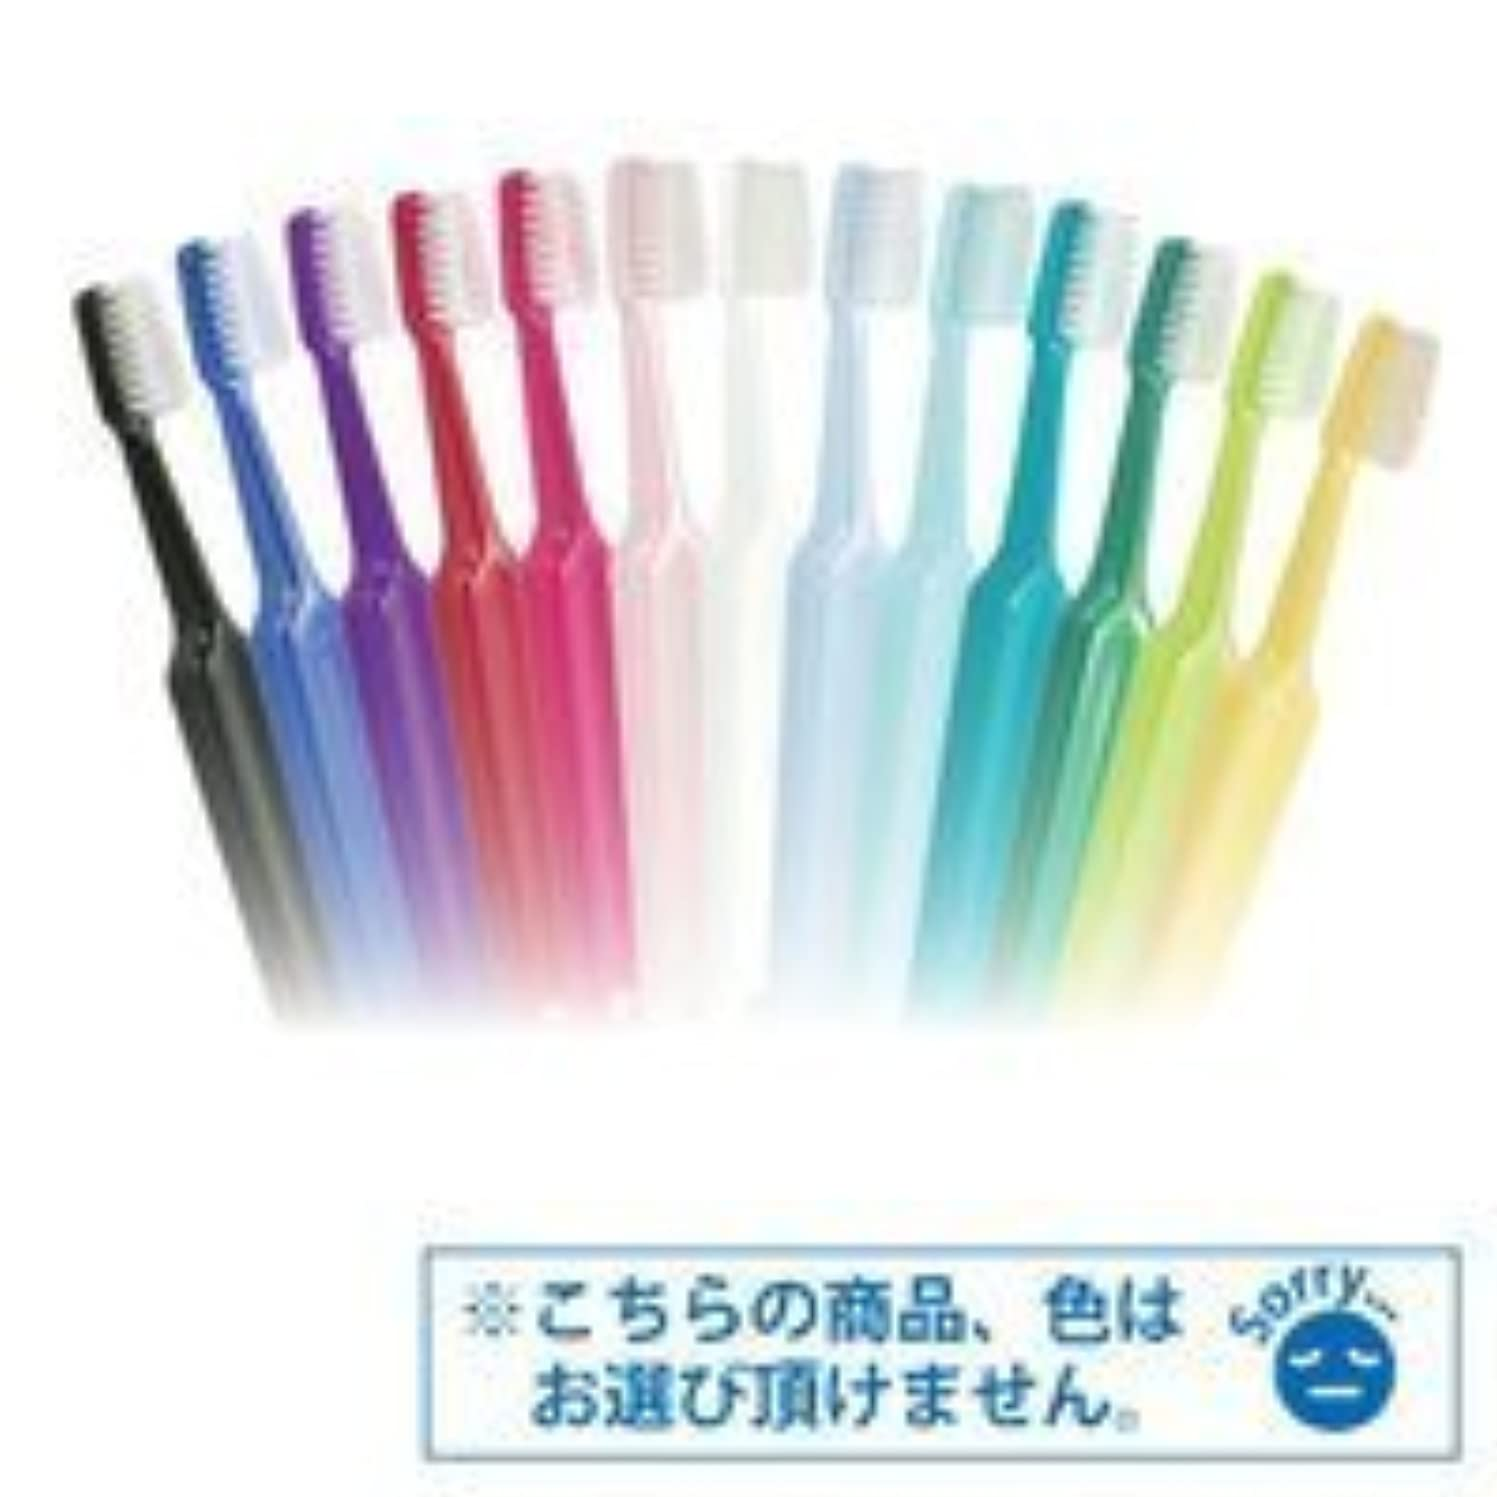 黙失ペースTepe歯ブラシ セレクトコンパクト/エクストラソフト 25本/箱